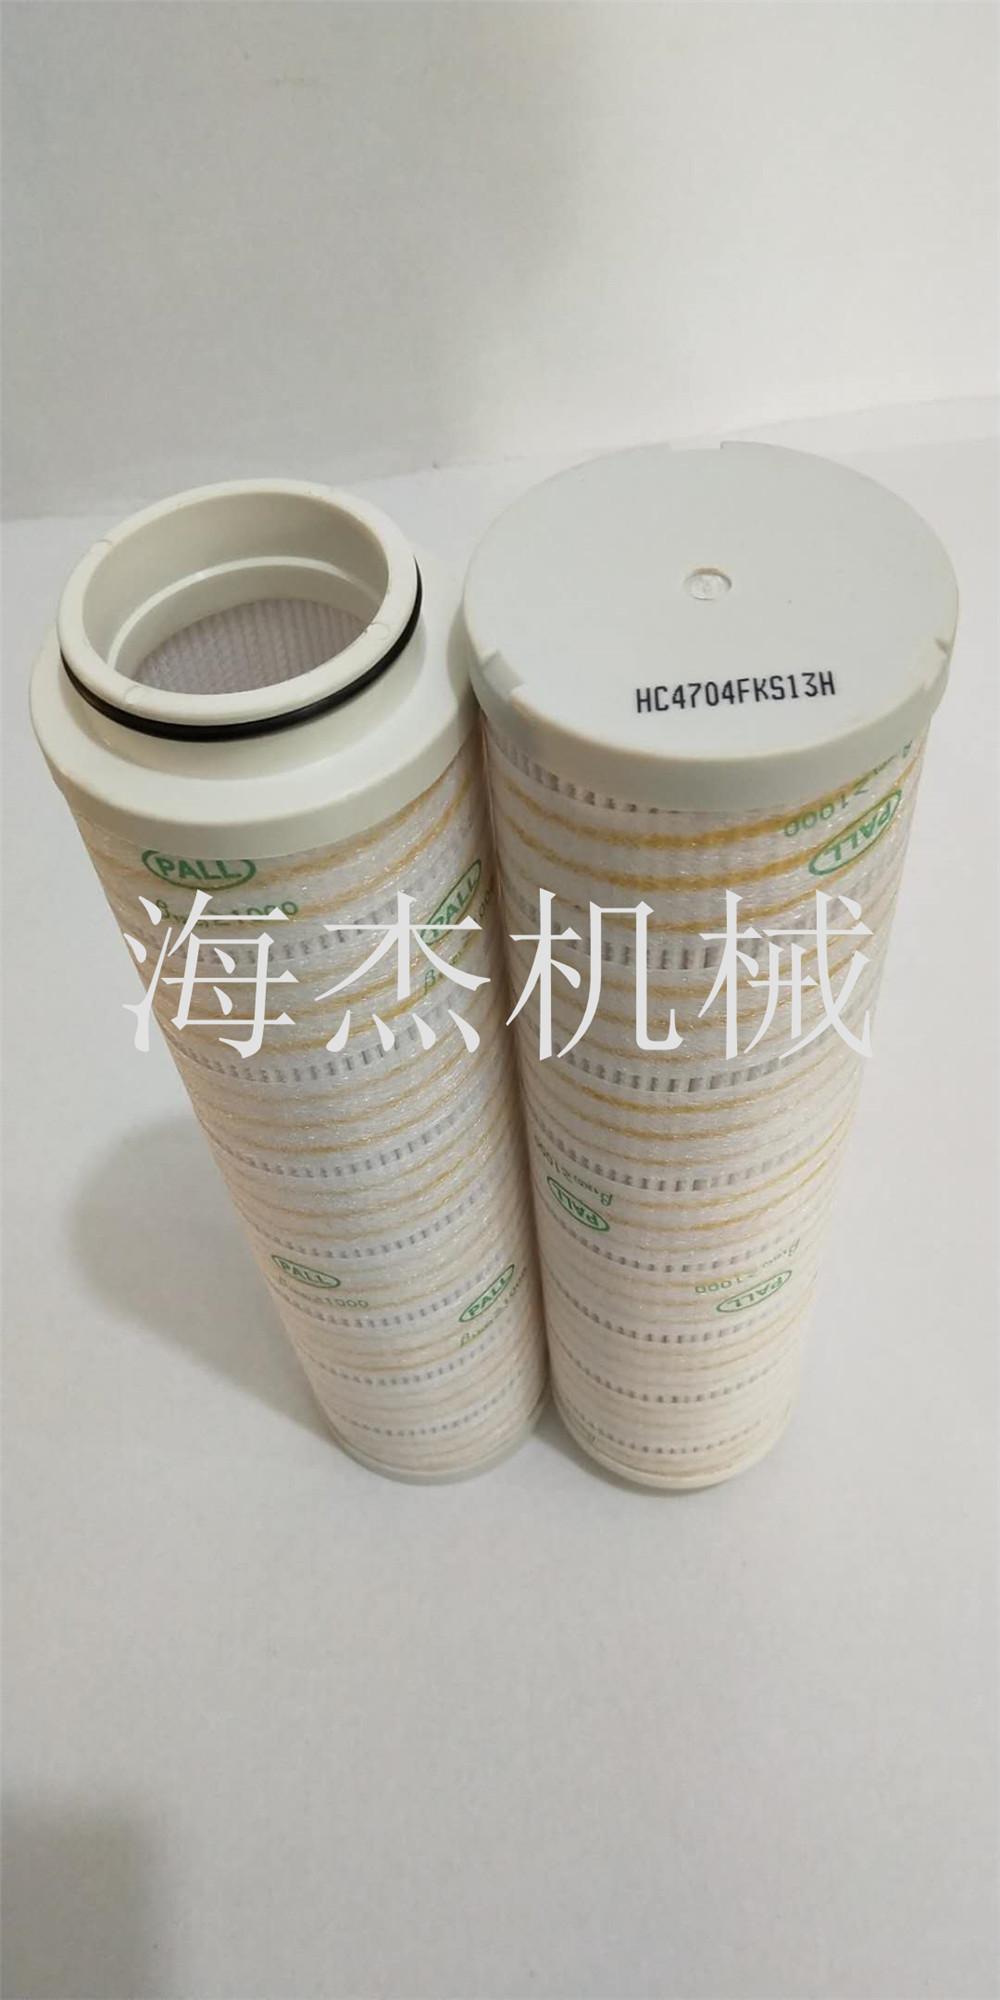 HC2235FKP10H濾芯是頗爾不鏽鋼的嗎?757907462